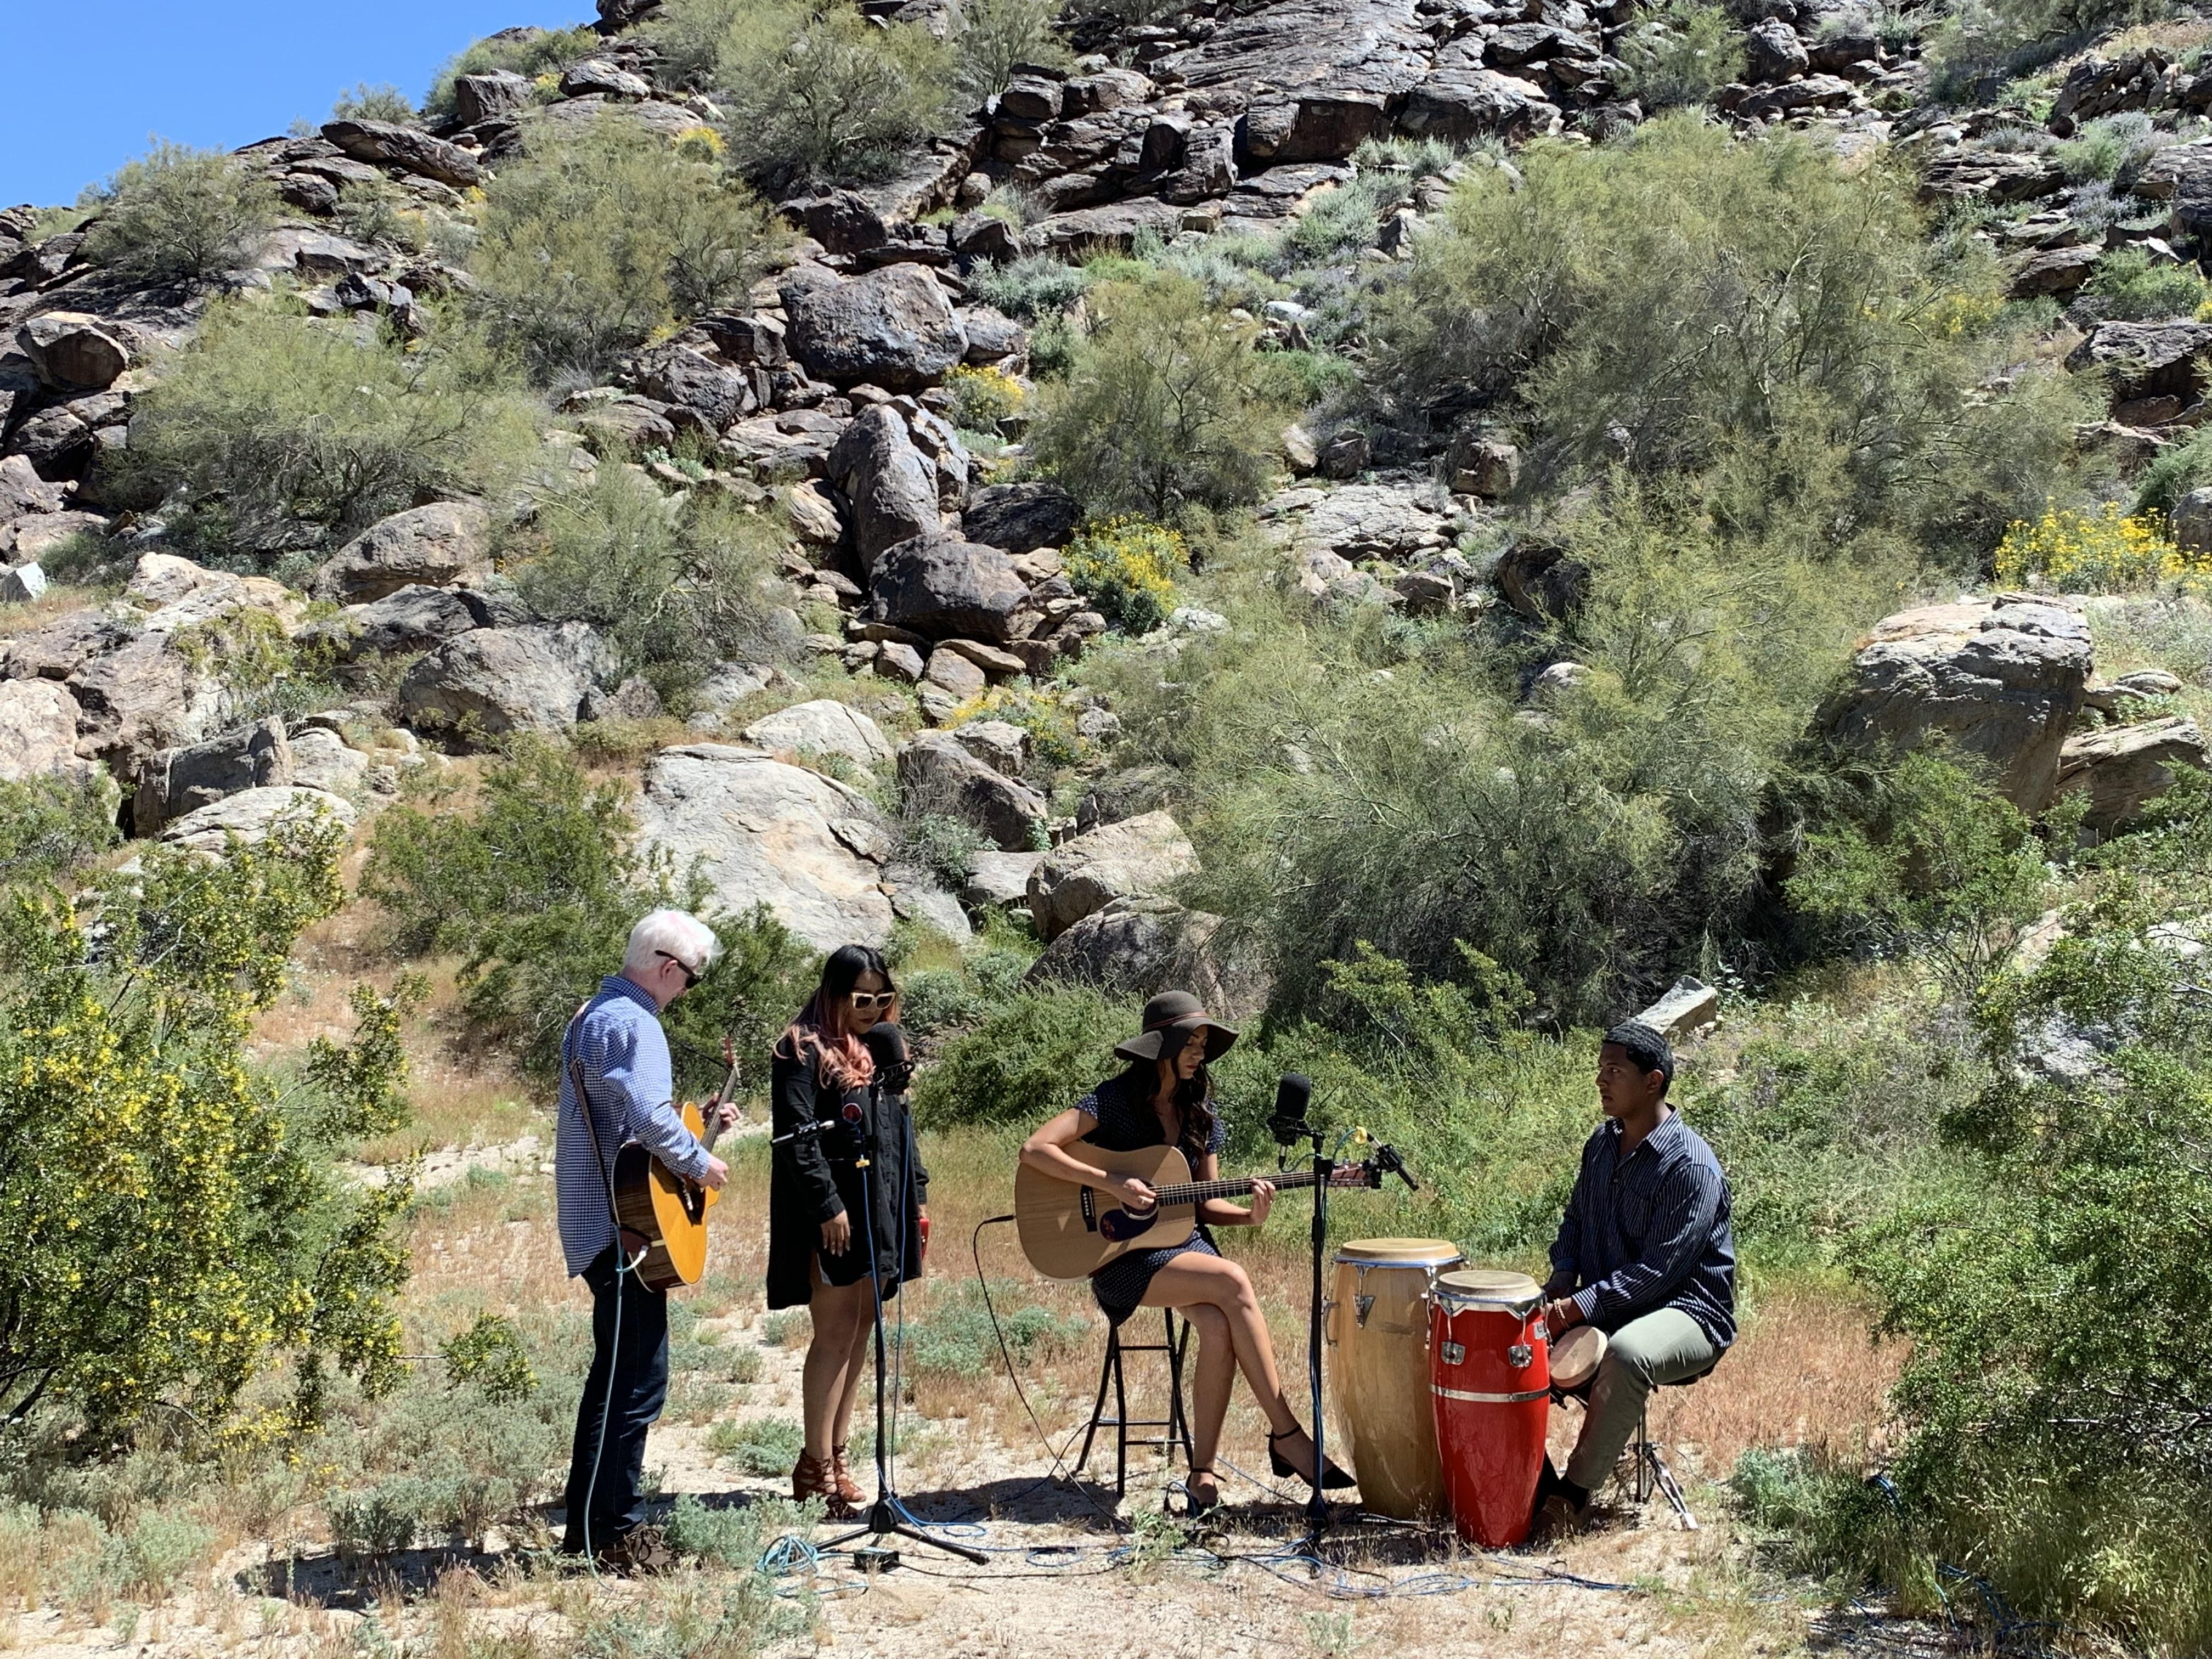 Bella Canzano and band at South Mountain Park on May 1, 2019.